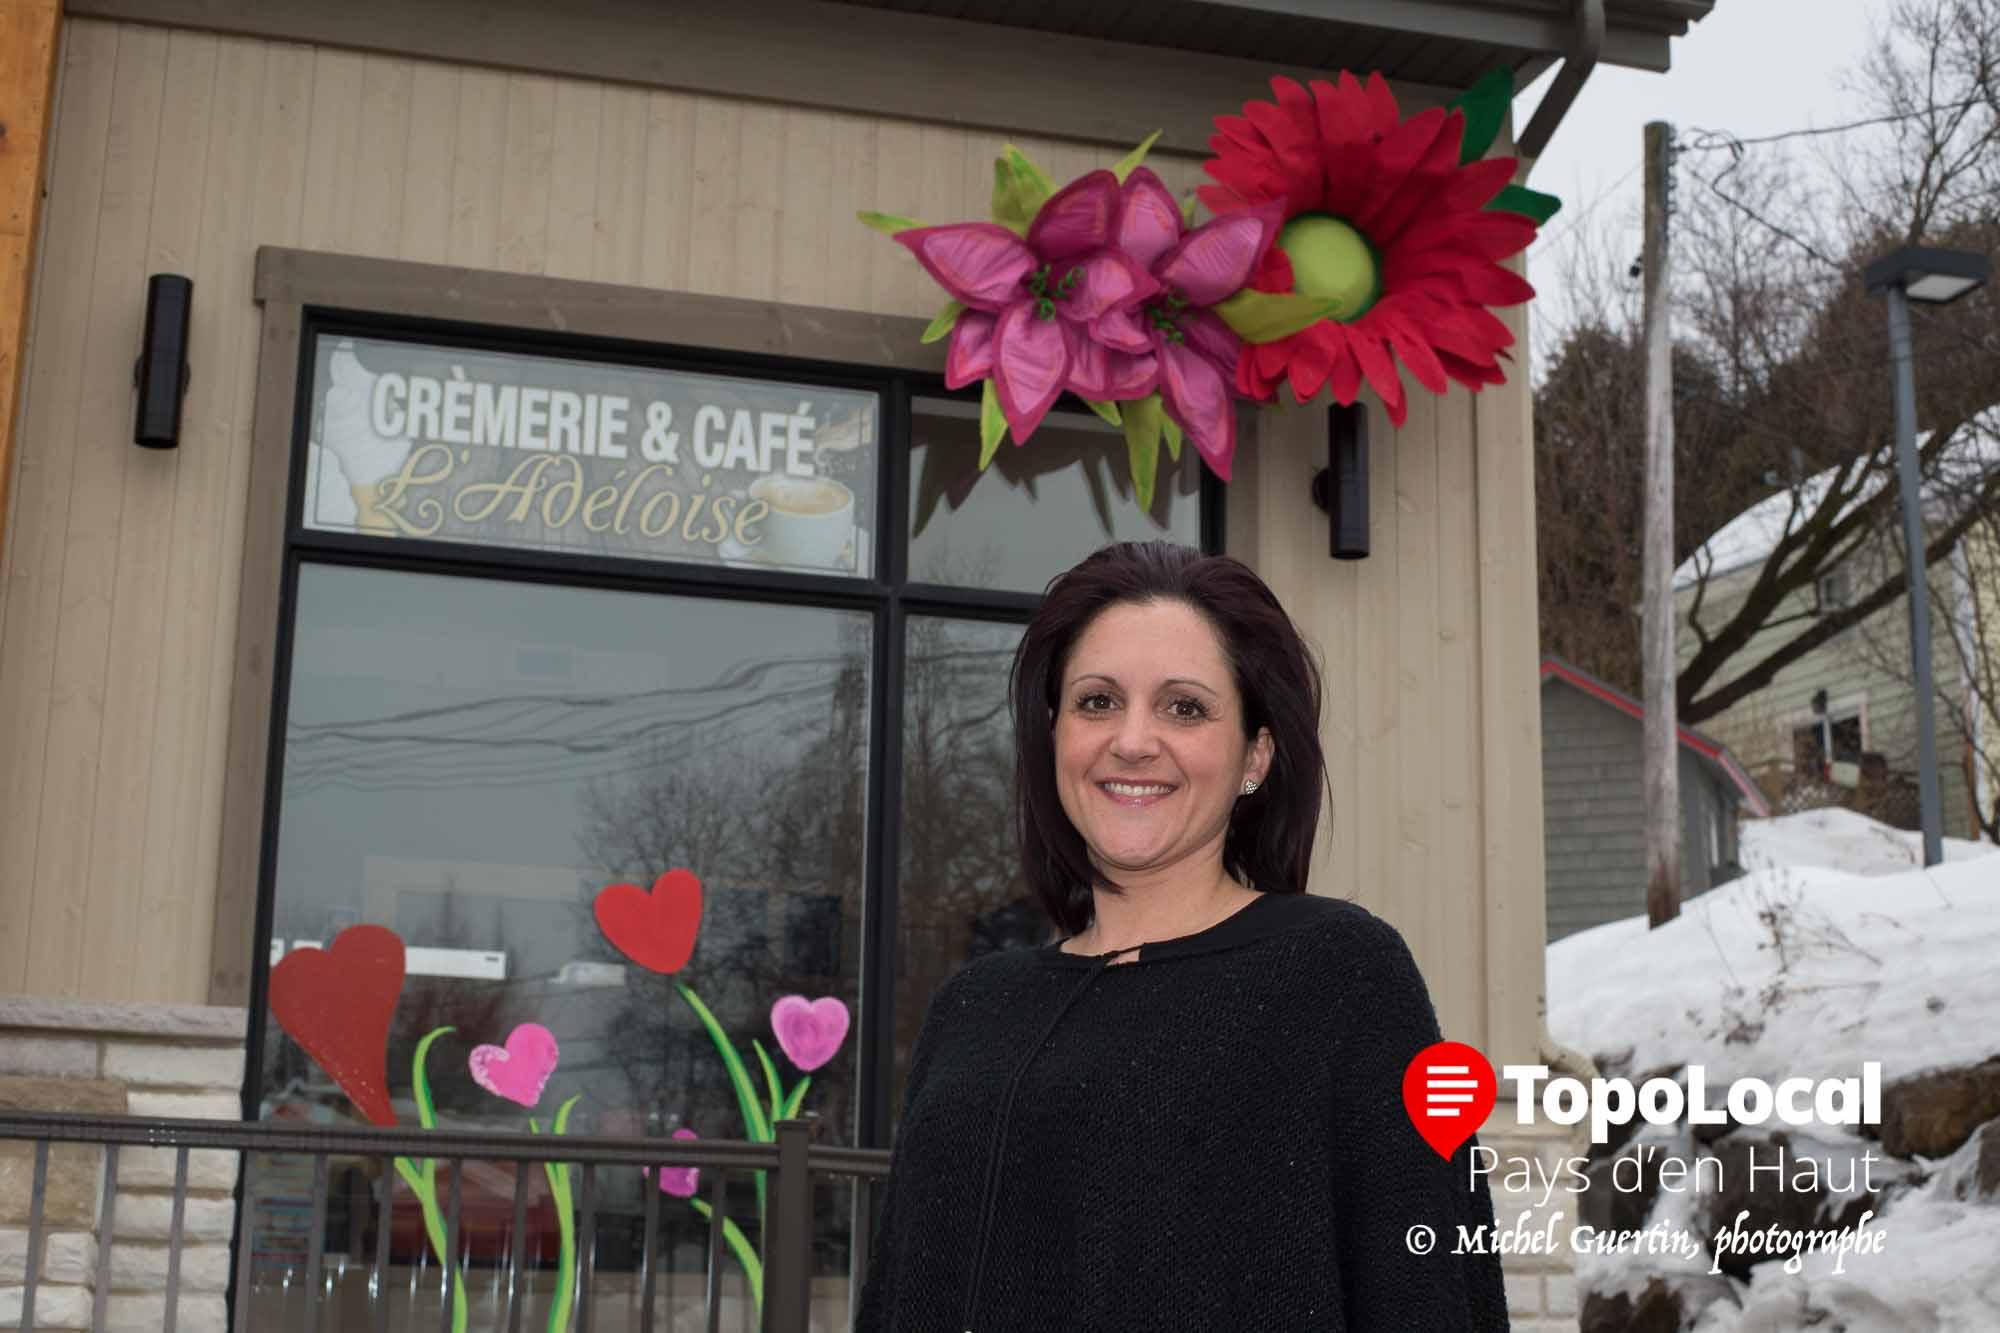 C'est une entrepreneure dans l'âme. Il s'agit de Catherine St-Jean, propriétaire de Gestion Design Décor, qui crée des décors permanents ou loués pour les commerces et les maisons. En plus, Catherine est en mesure de faires des aménagements paysagers. Sur la photo, on la voit devant les fleurs qu'elle a installé à la Crèmerie et Café L'Adéloise.